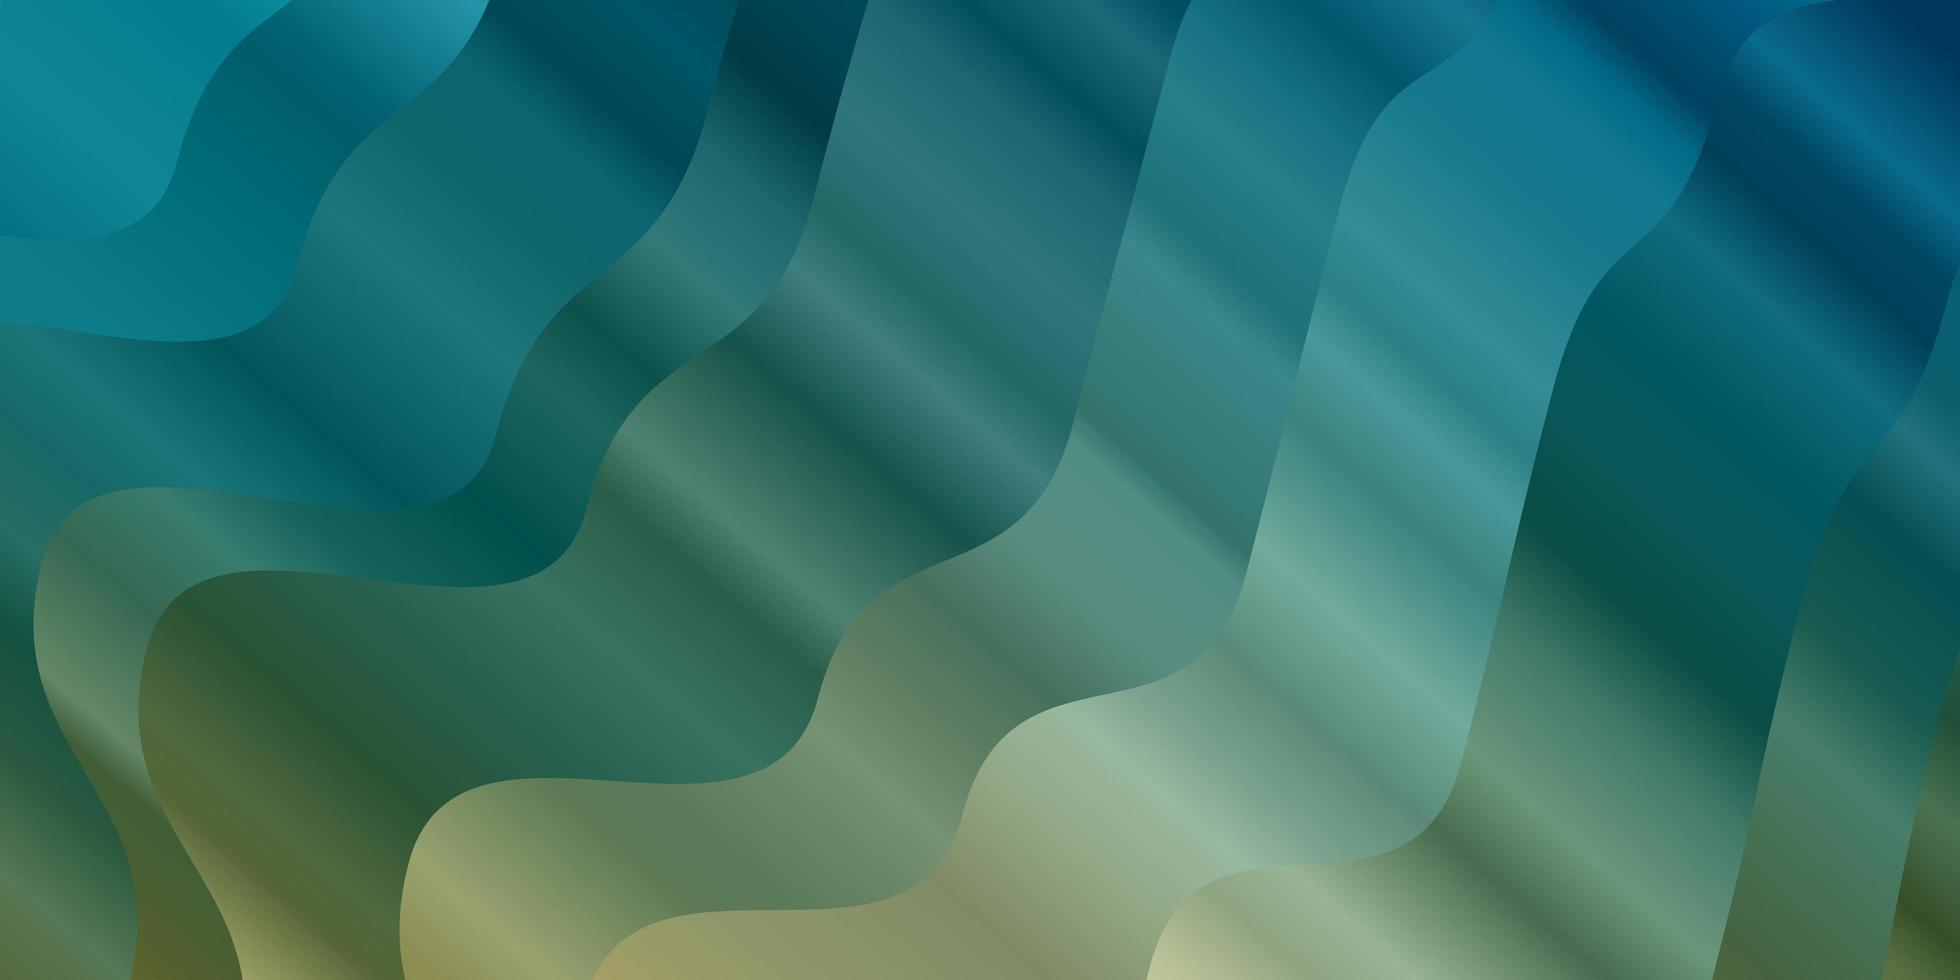 fond bleu clair et jaune avec arc de cercle. vecteur